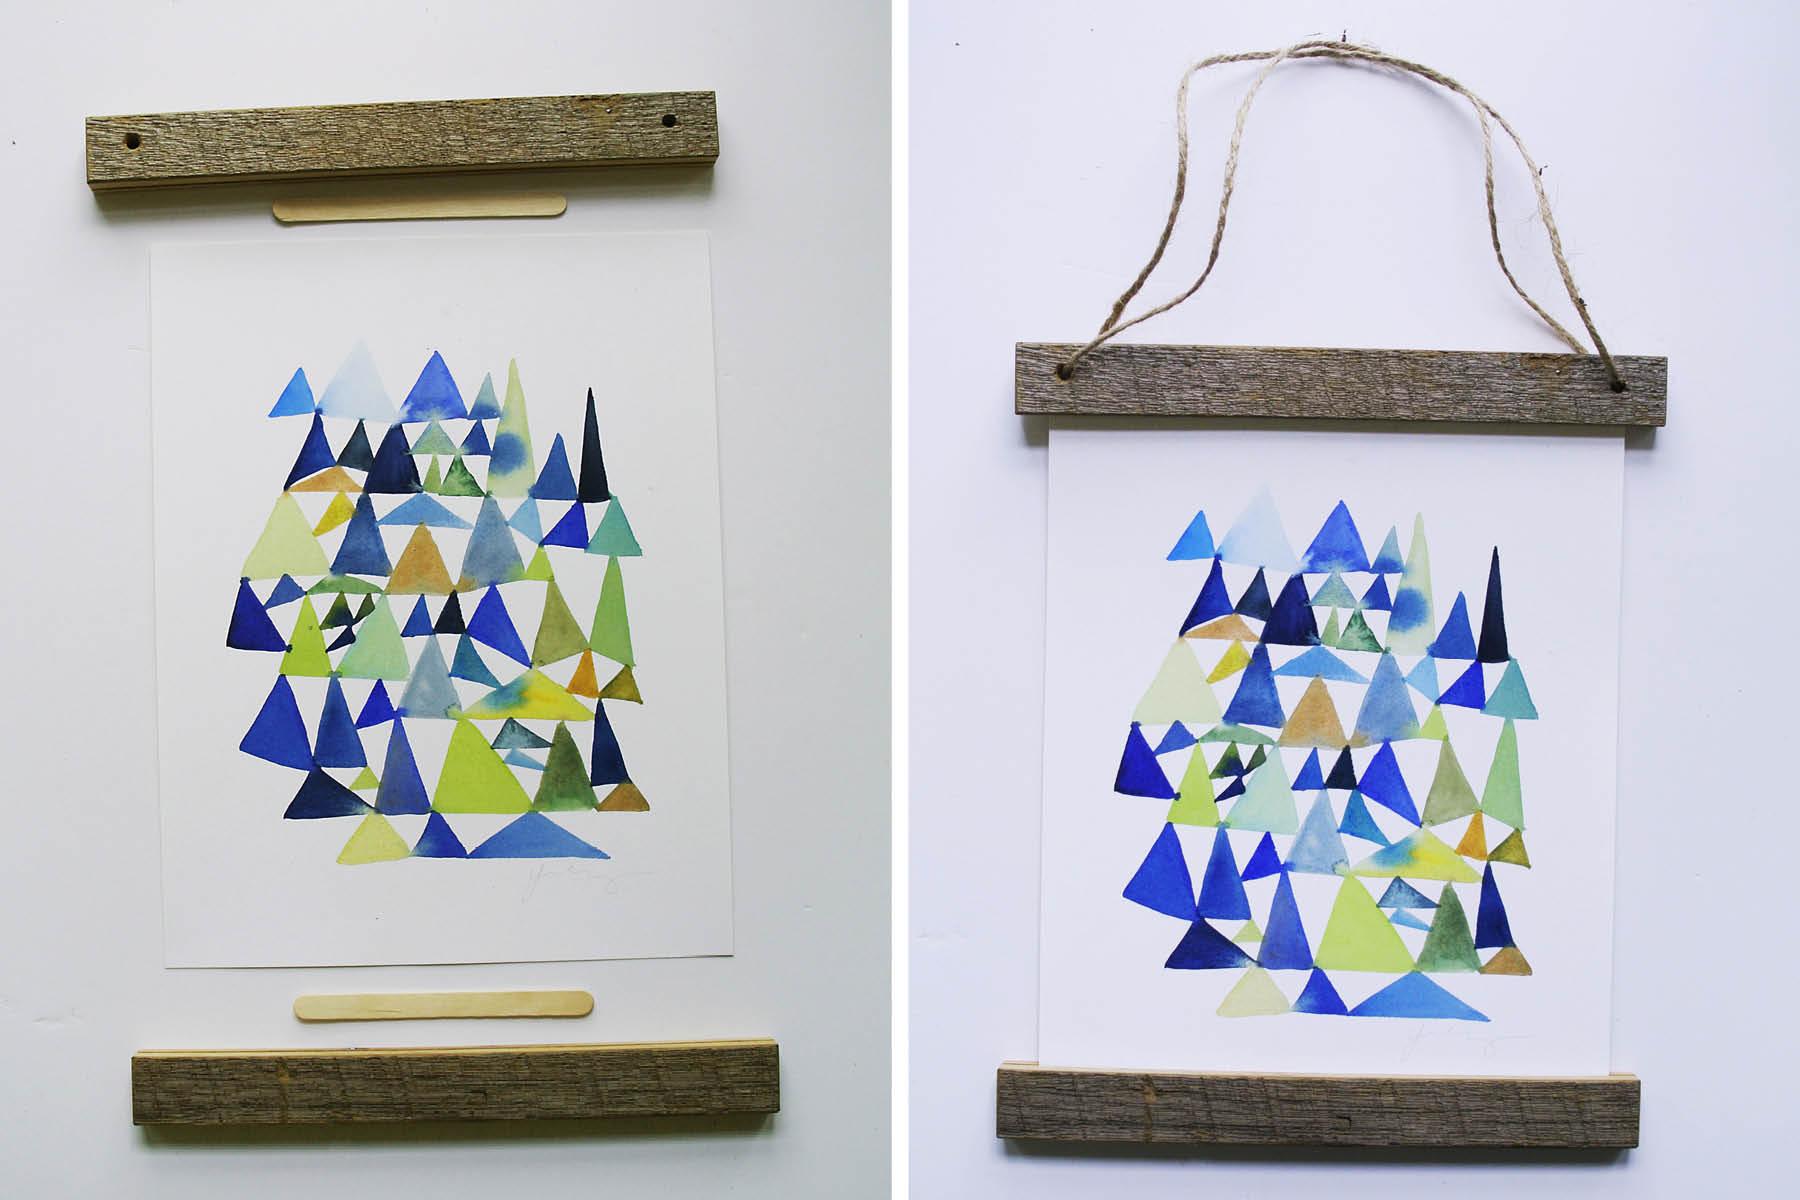 wooden slat hanging frame instructions